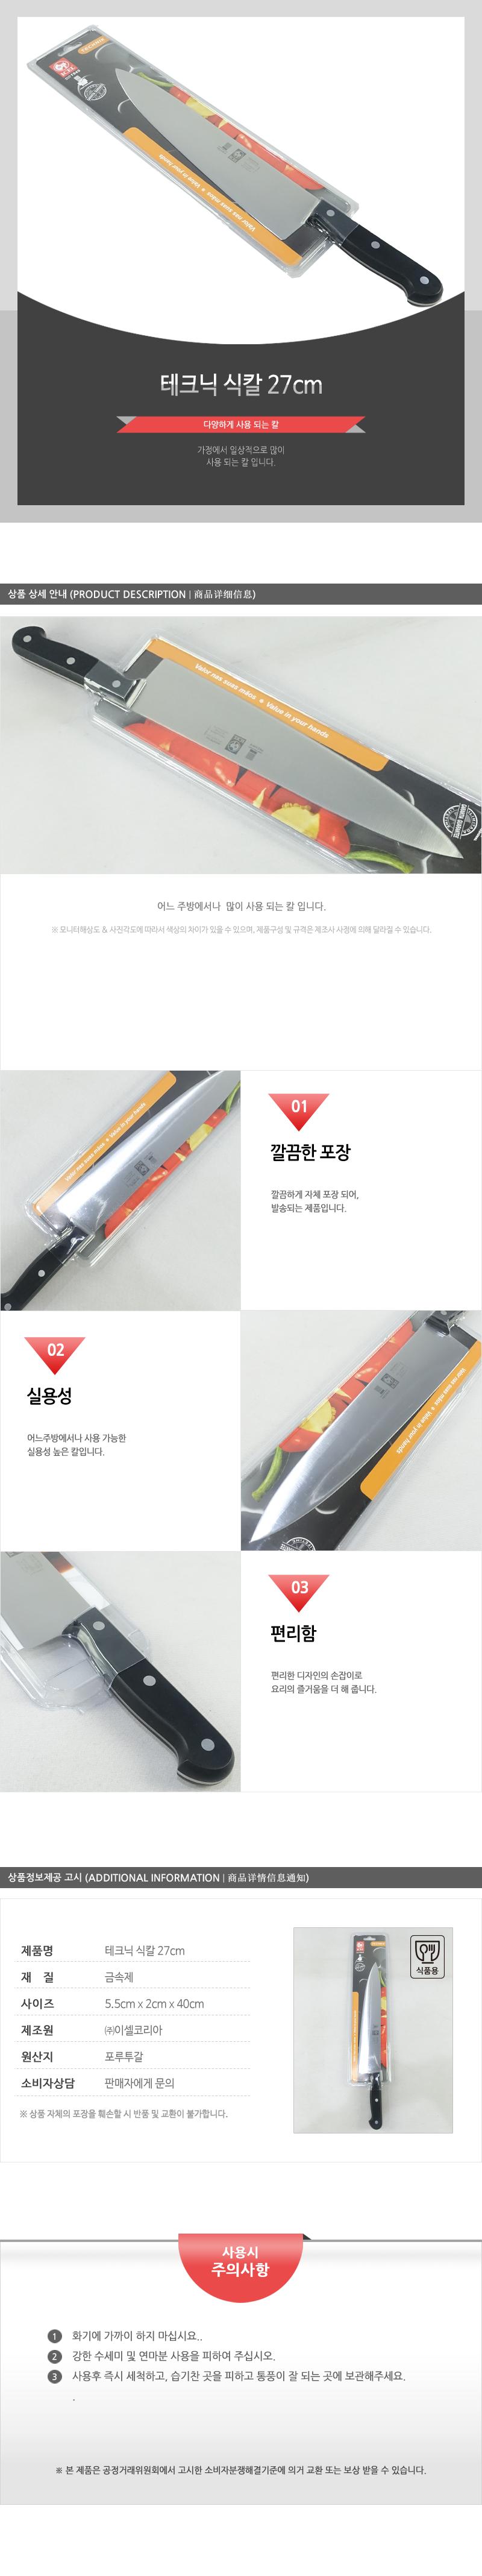 테크닉식칼27cm 칼 주방칼 식칼 조리칼 요리칼 조리용칼 식재료칼 음식칼 다용도칼 가정용칼